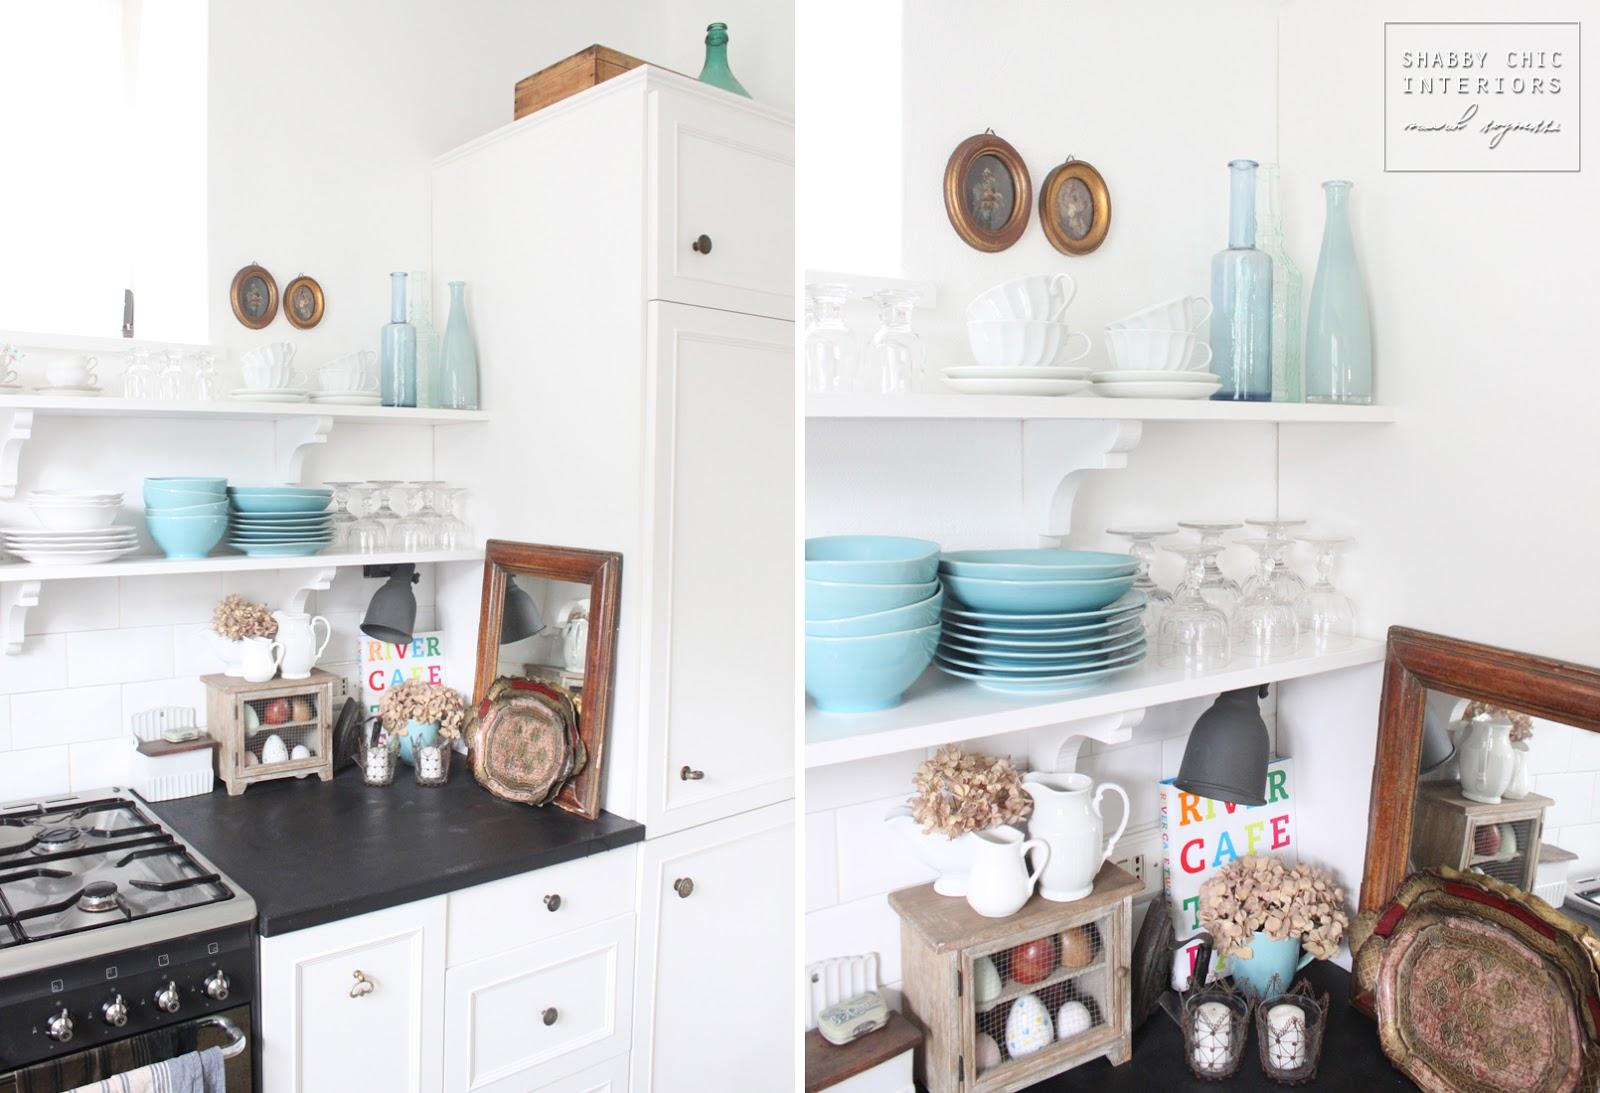 Uno specchio in cucina shabby chic interiors for Shabby chic cucina